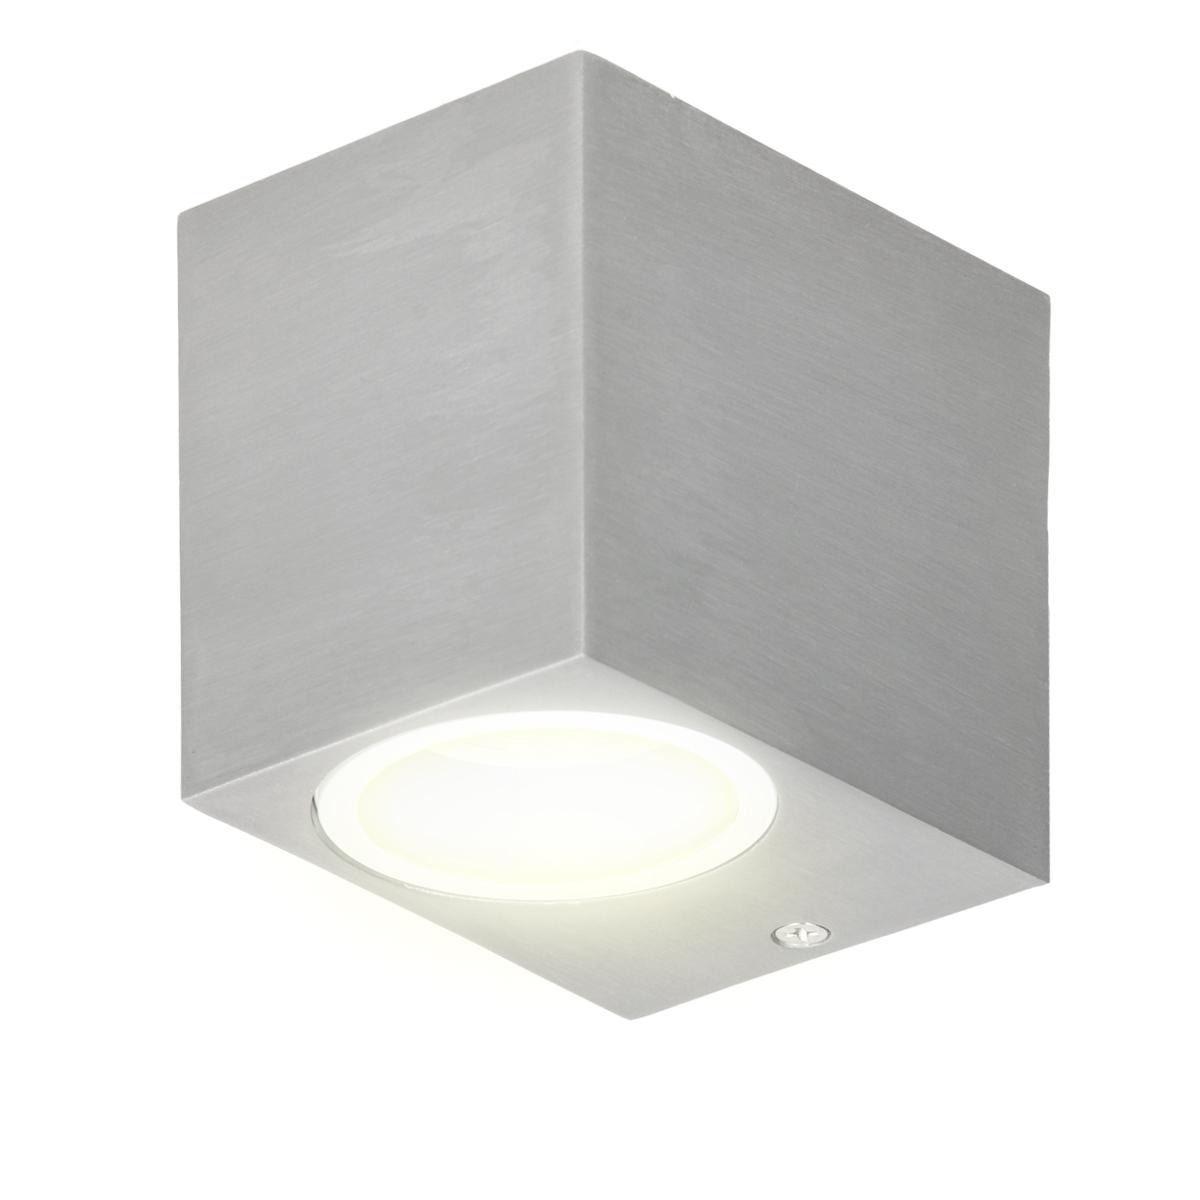 Aussenwandlampe-Aussenleuchte-Wandleuchte-Wandlampe-Lampe-Sockel-GU10-LED